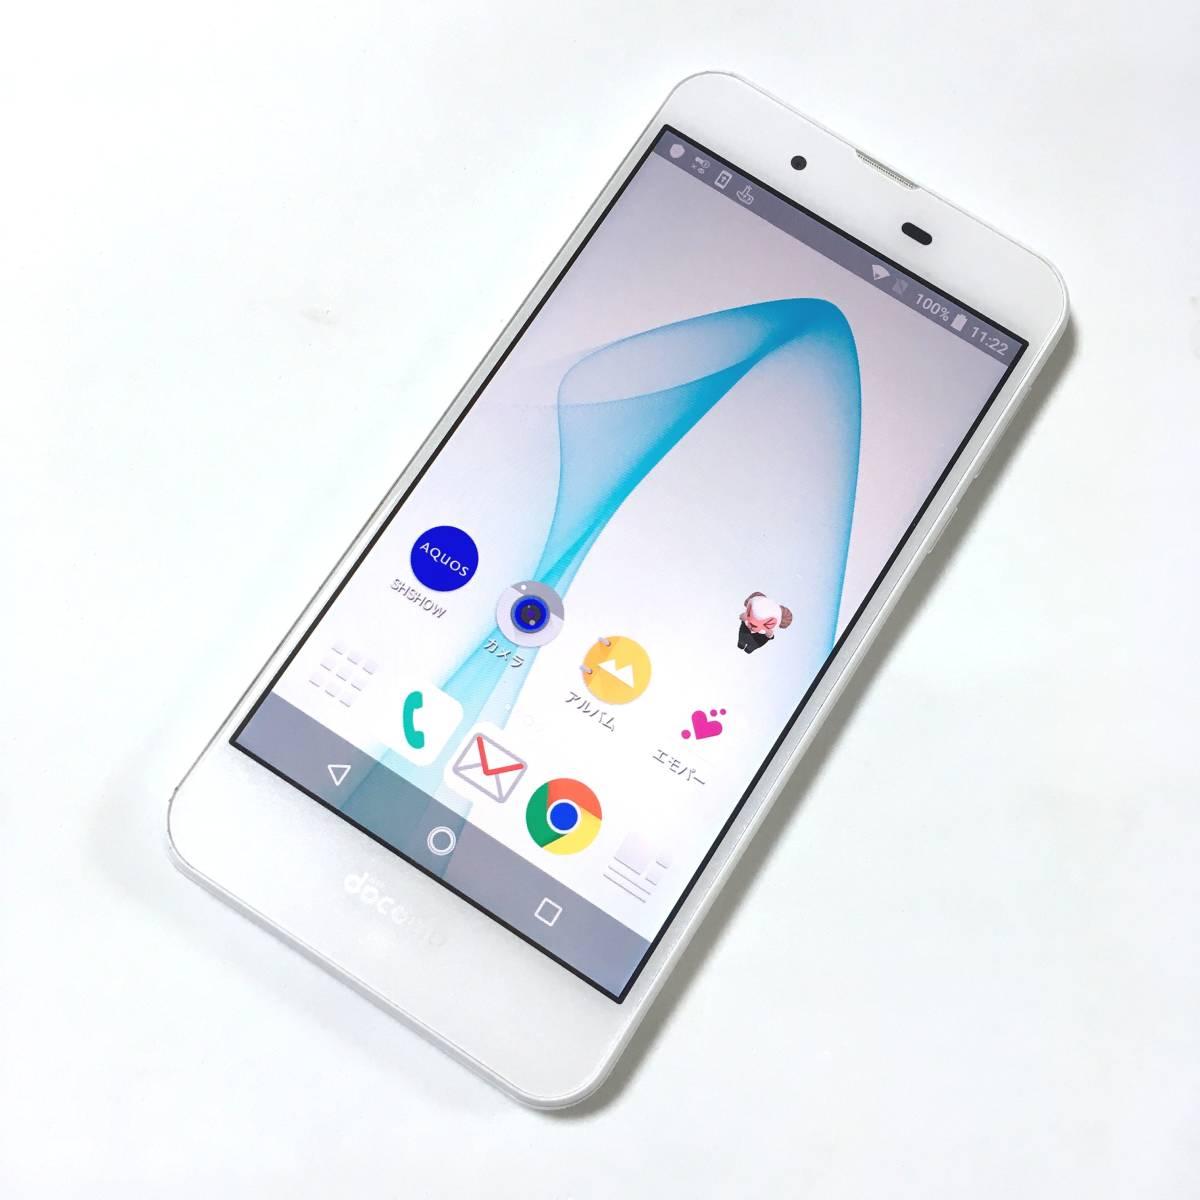 シャープ AQUOS EVER SH-02J docomo 指紋認証を搭載した5型スマホ SIMロック解除済 Android 8.0